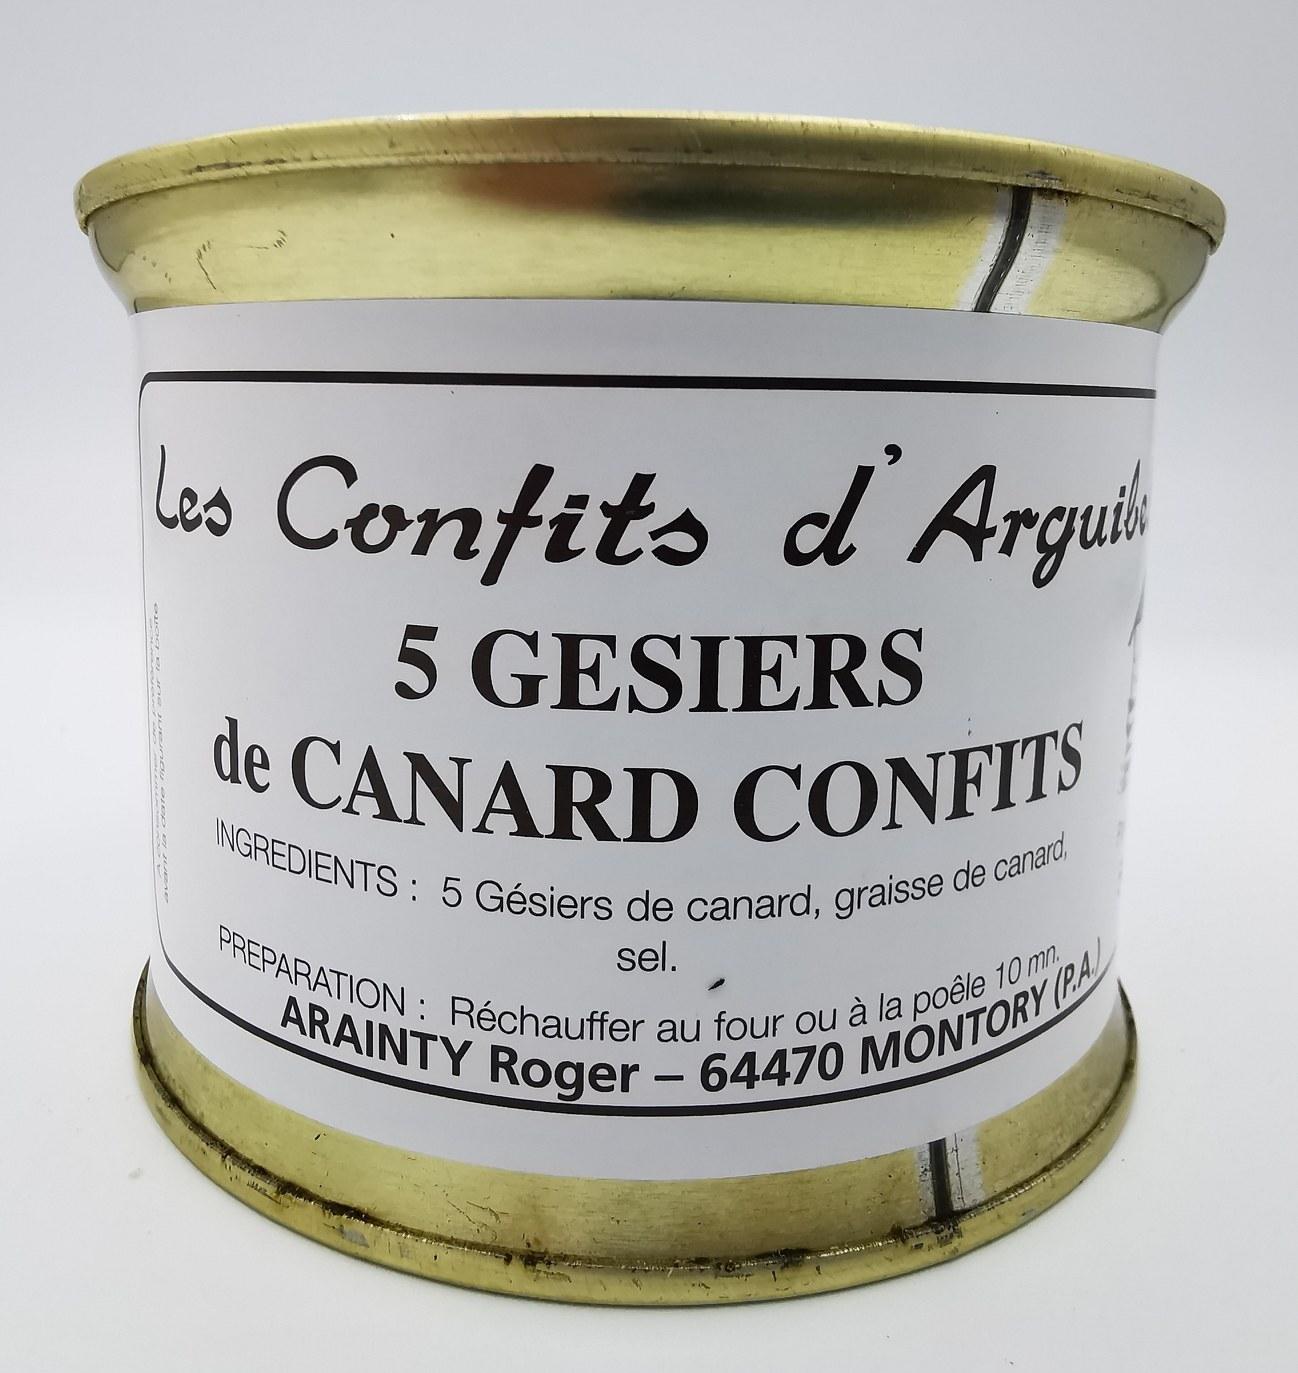 5 Gésiers de Canard Confits - Les Confits D'Arguibelle - charcuterie - vallée d'aspe - local